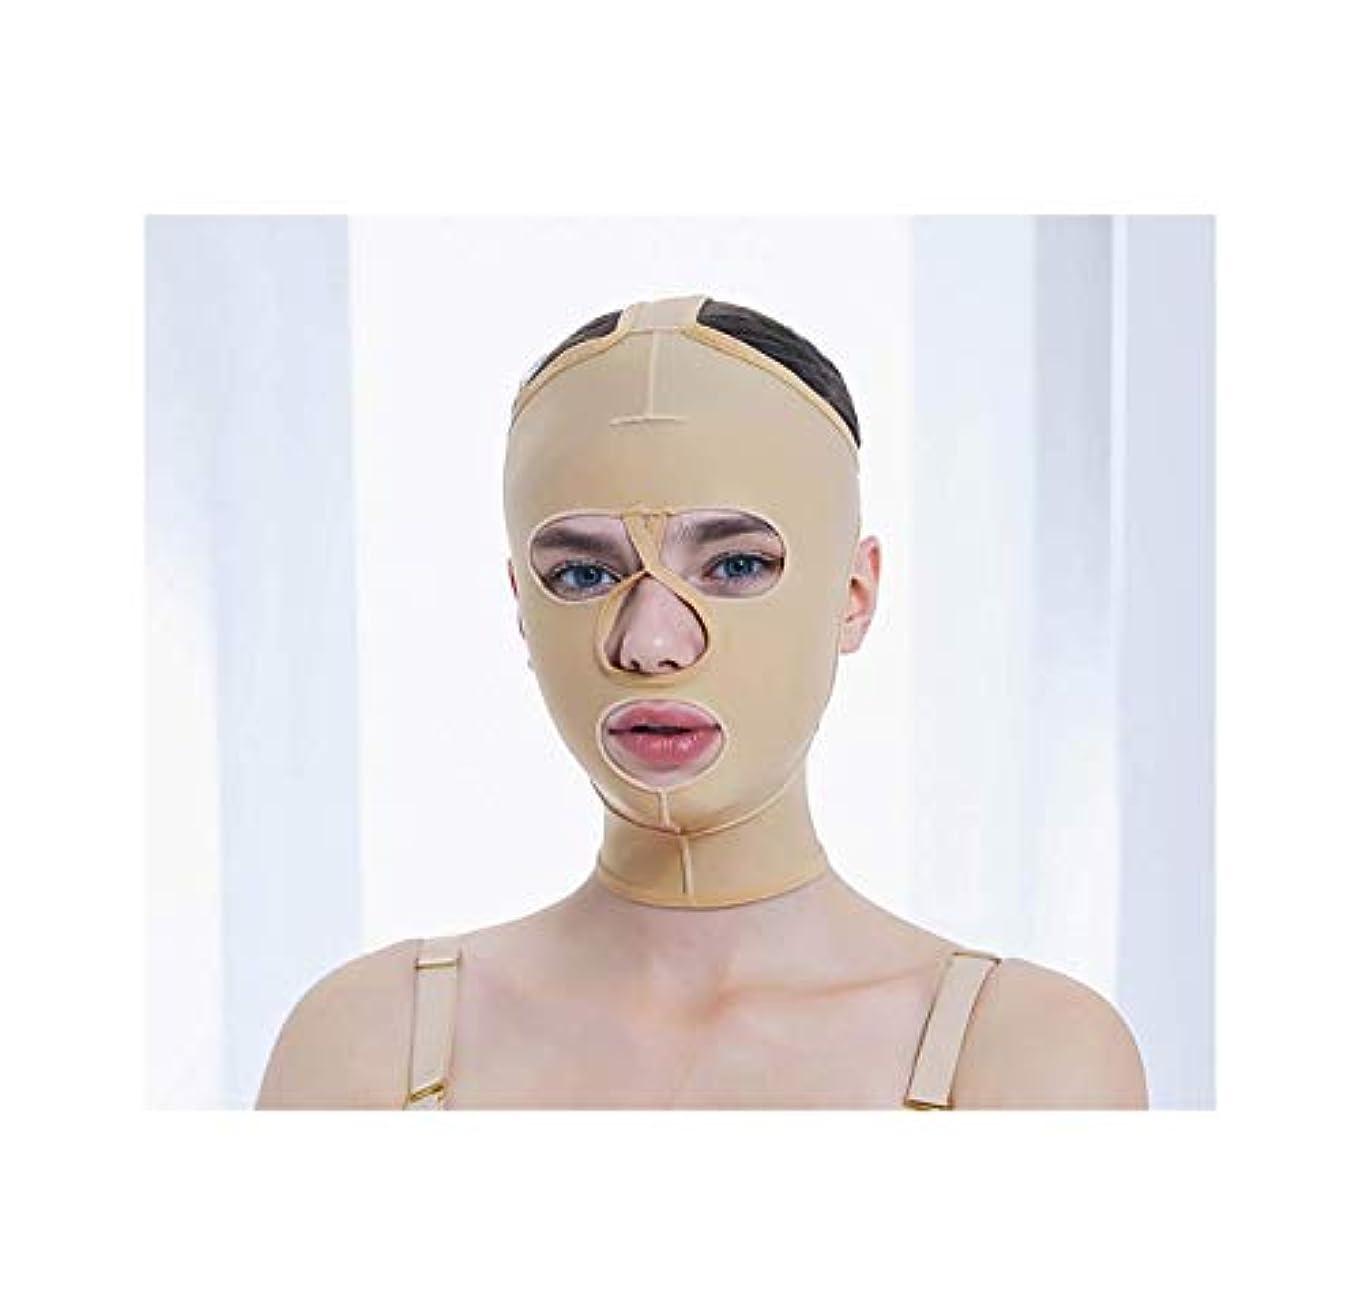 崇拝します内部不愉快フェイス&ネックリフト、減量フェイスマスク脂肪吸引術脂肪吸引整形マスクフードフェイスリフティングアーティファクトVフェイスビームフェイス弾性スリーブ(サイズ:XS),XXL